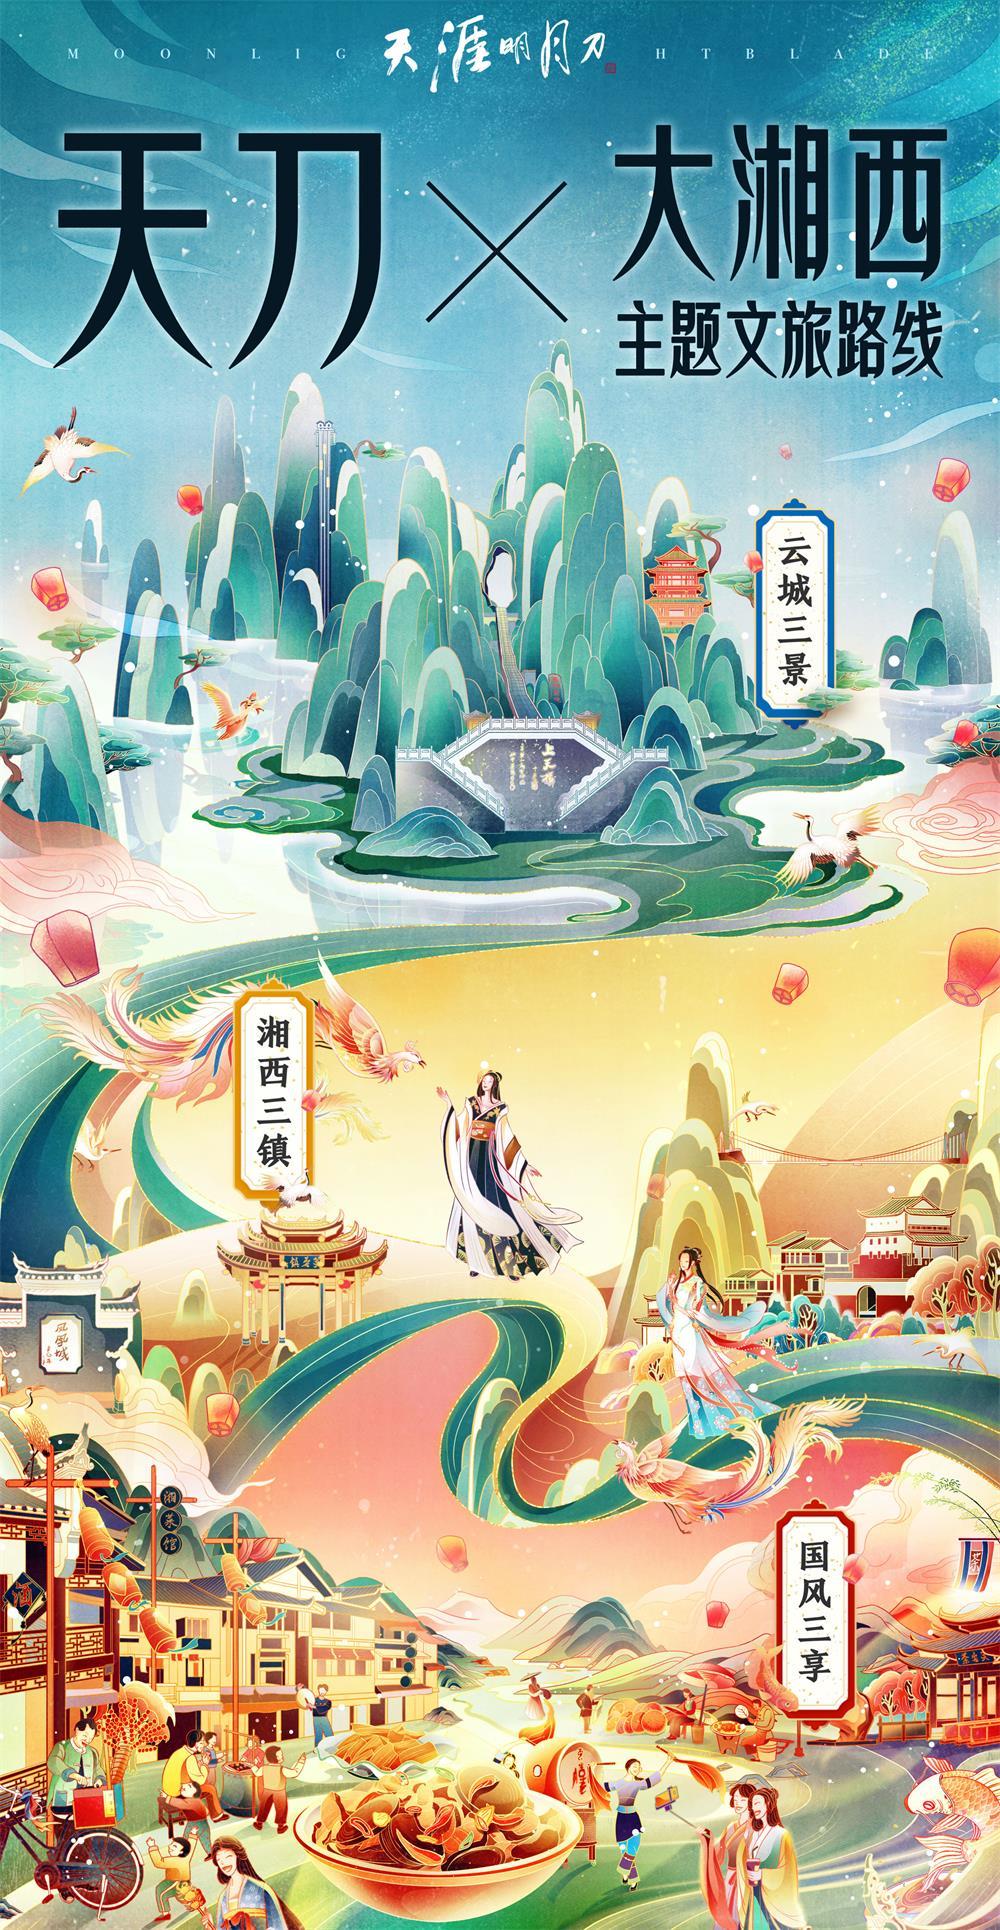 天刀IP六周年庆典圆满落幕,首届天赐节揭秘IP新动态!